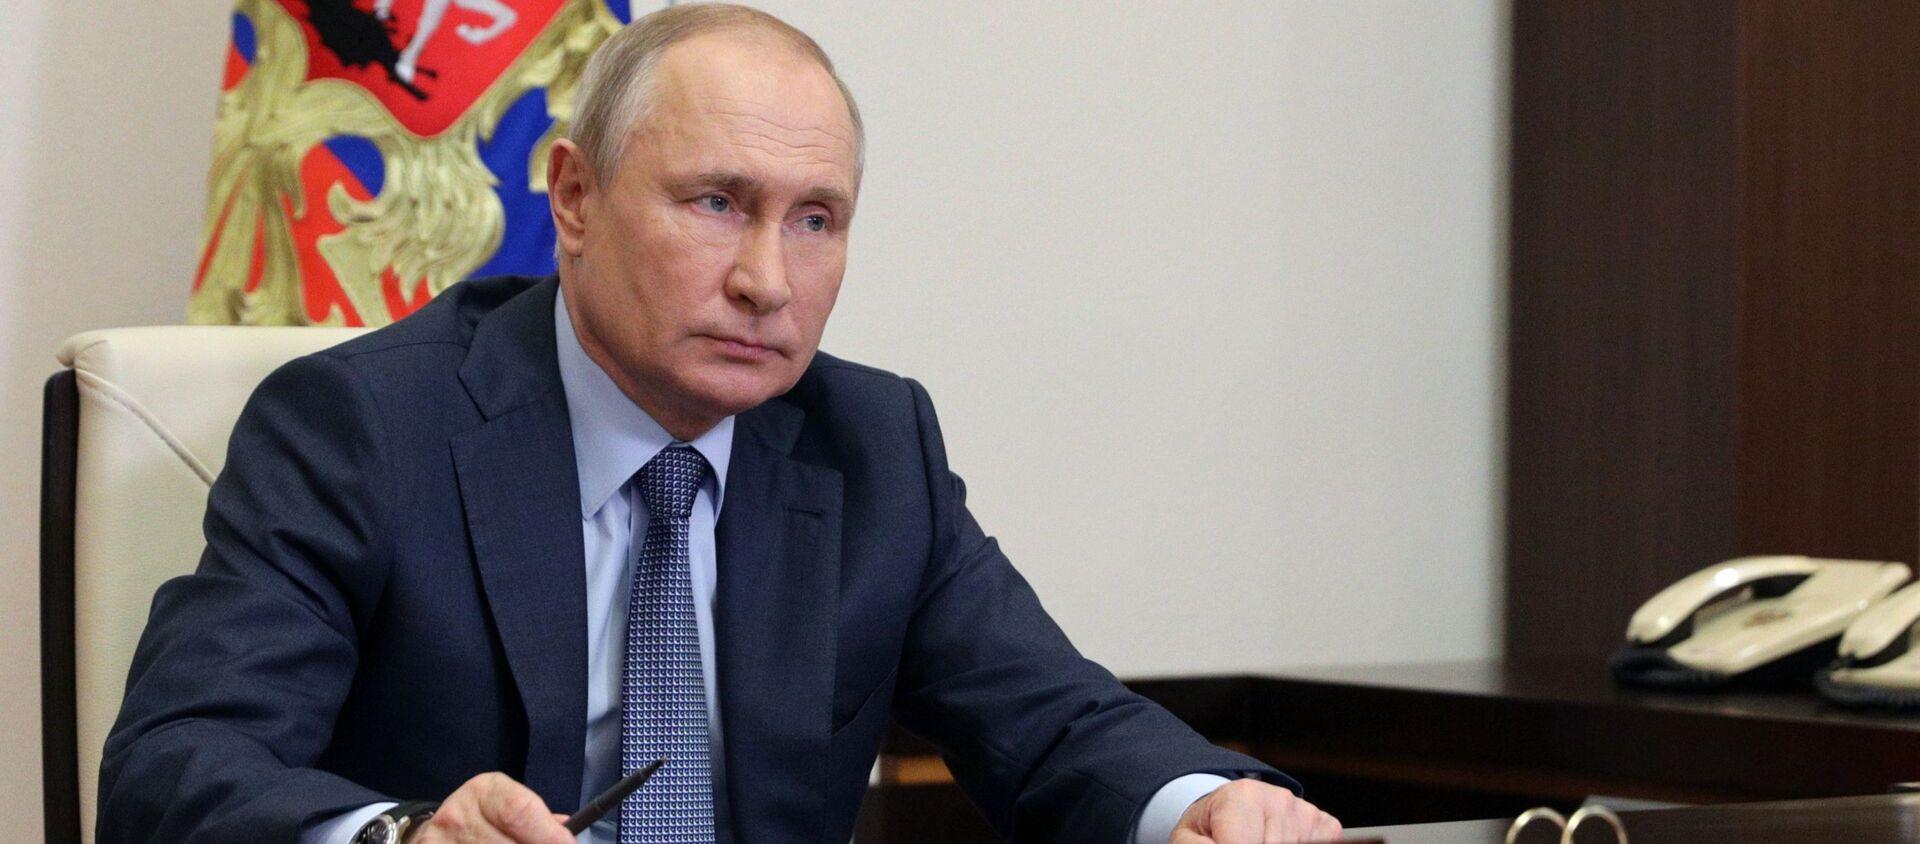 Президент РФ В. Путин встретился с представителями социальных организаций - Sputnik Абхазия, 1920, 10.06.2021